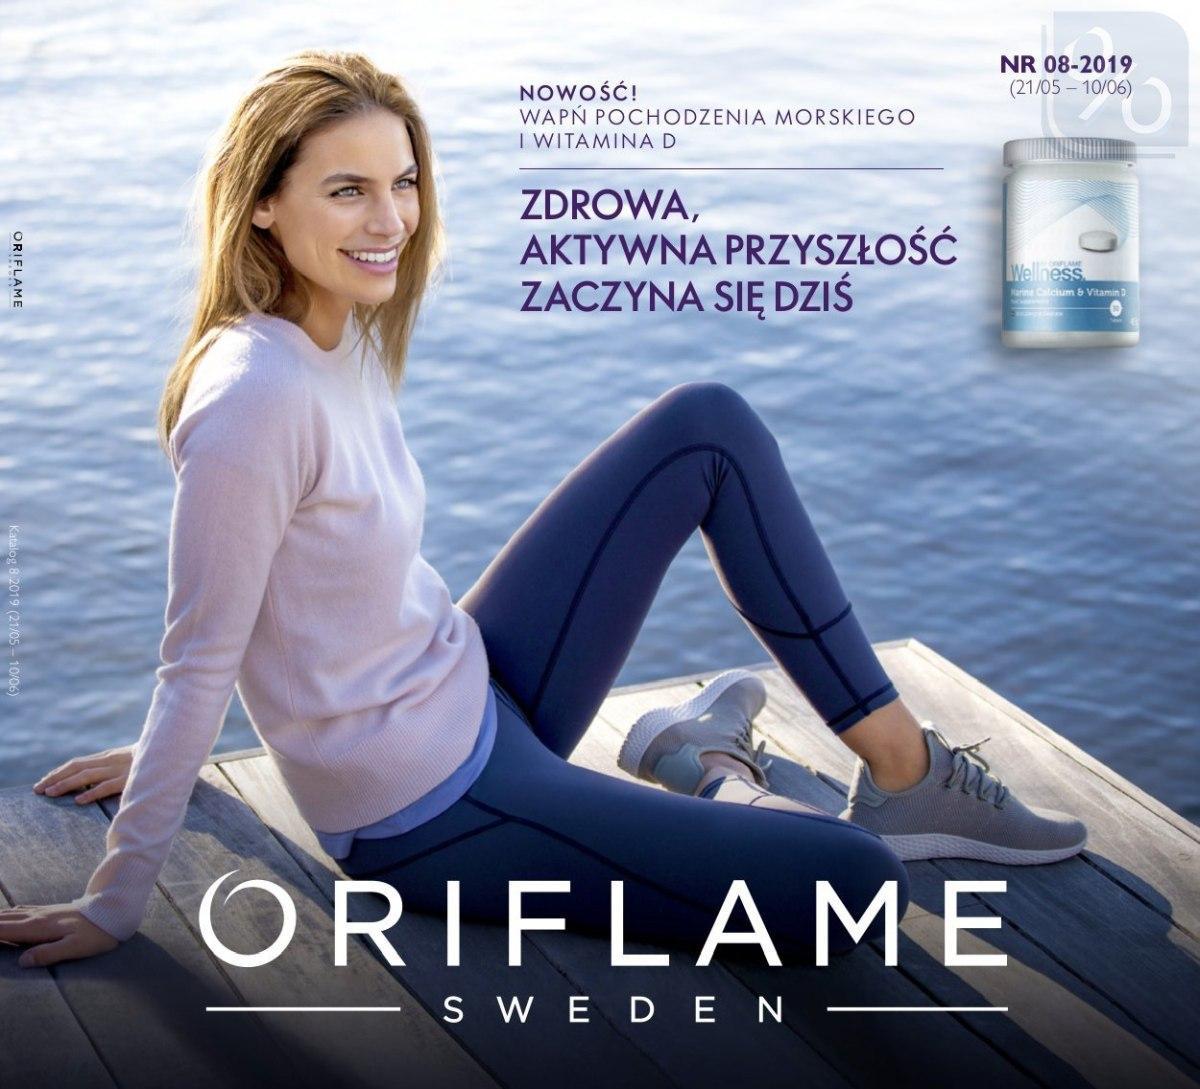 Gazetka promocyjna Oriflame do 10/06/2019 str.1